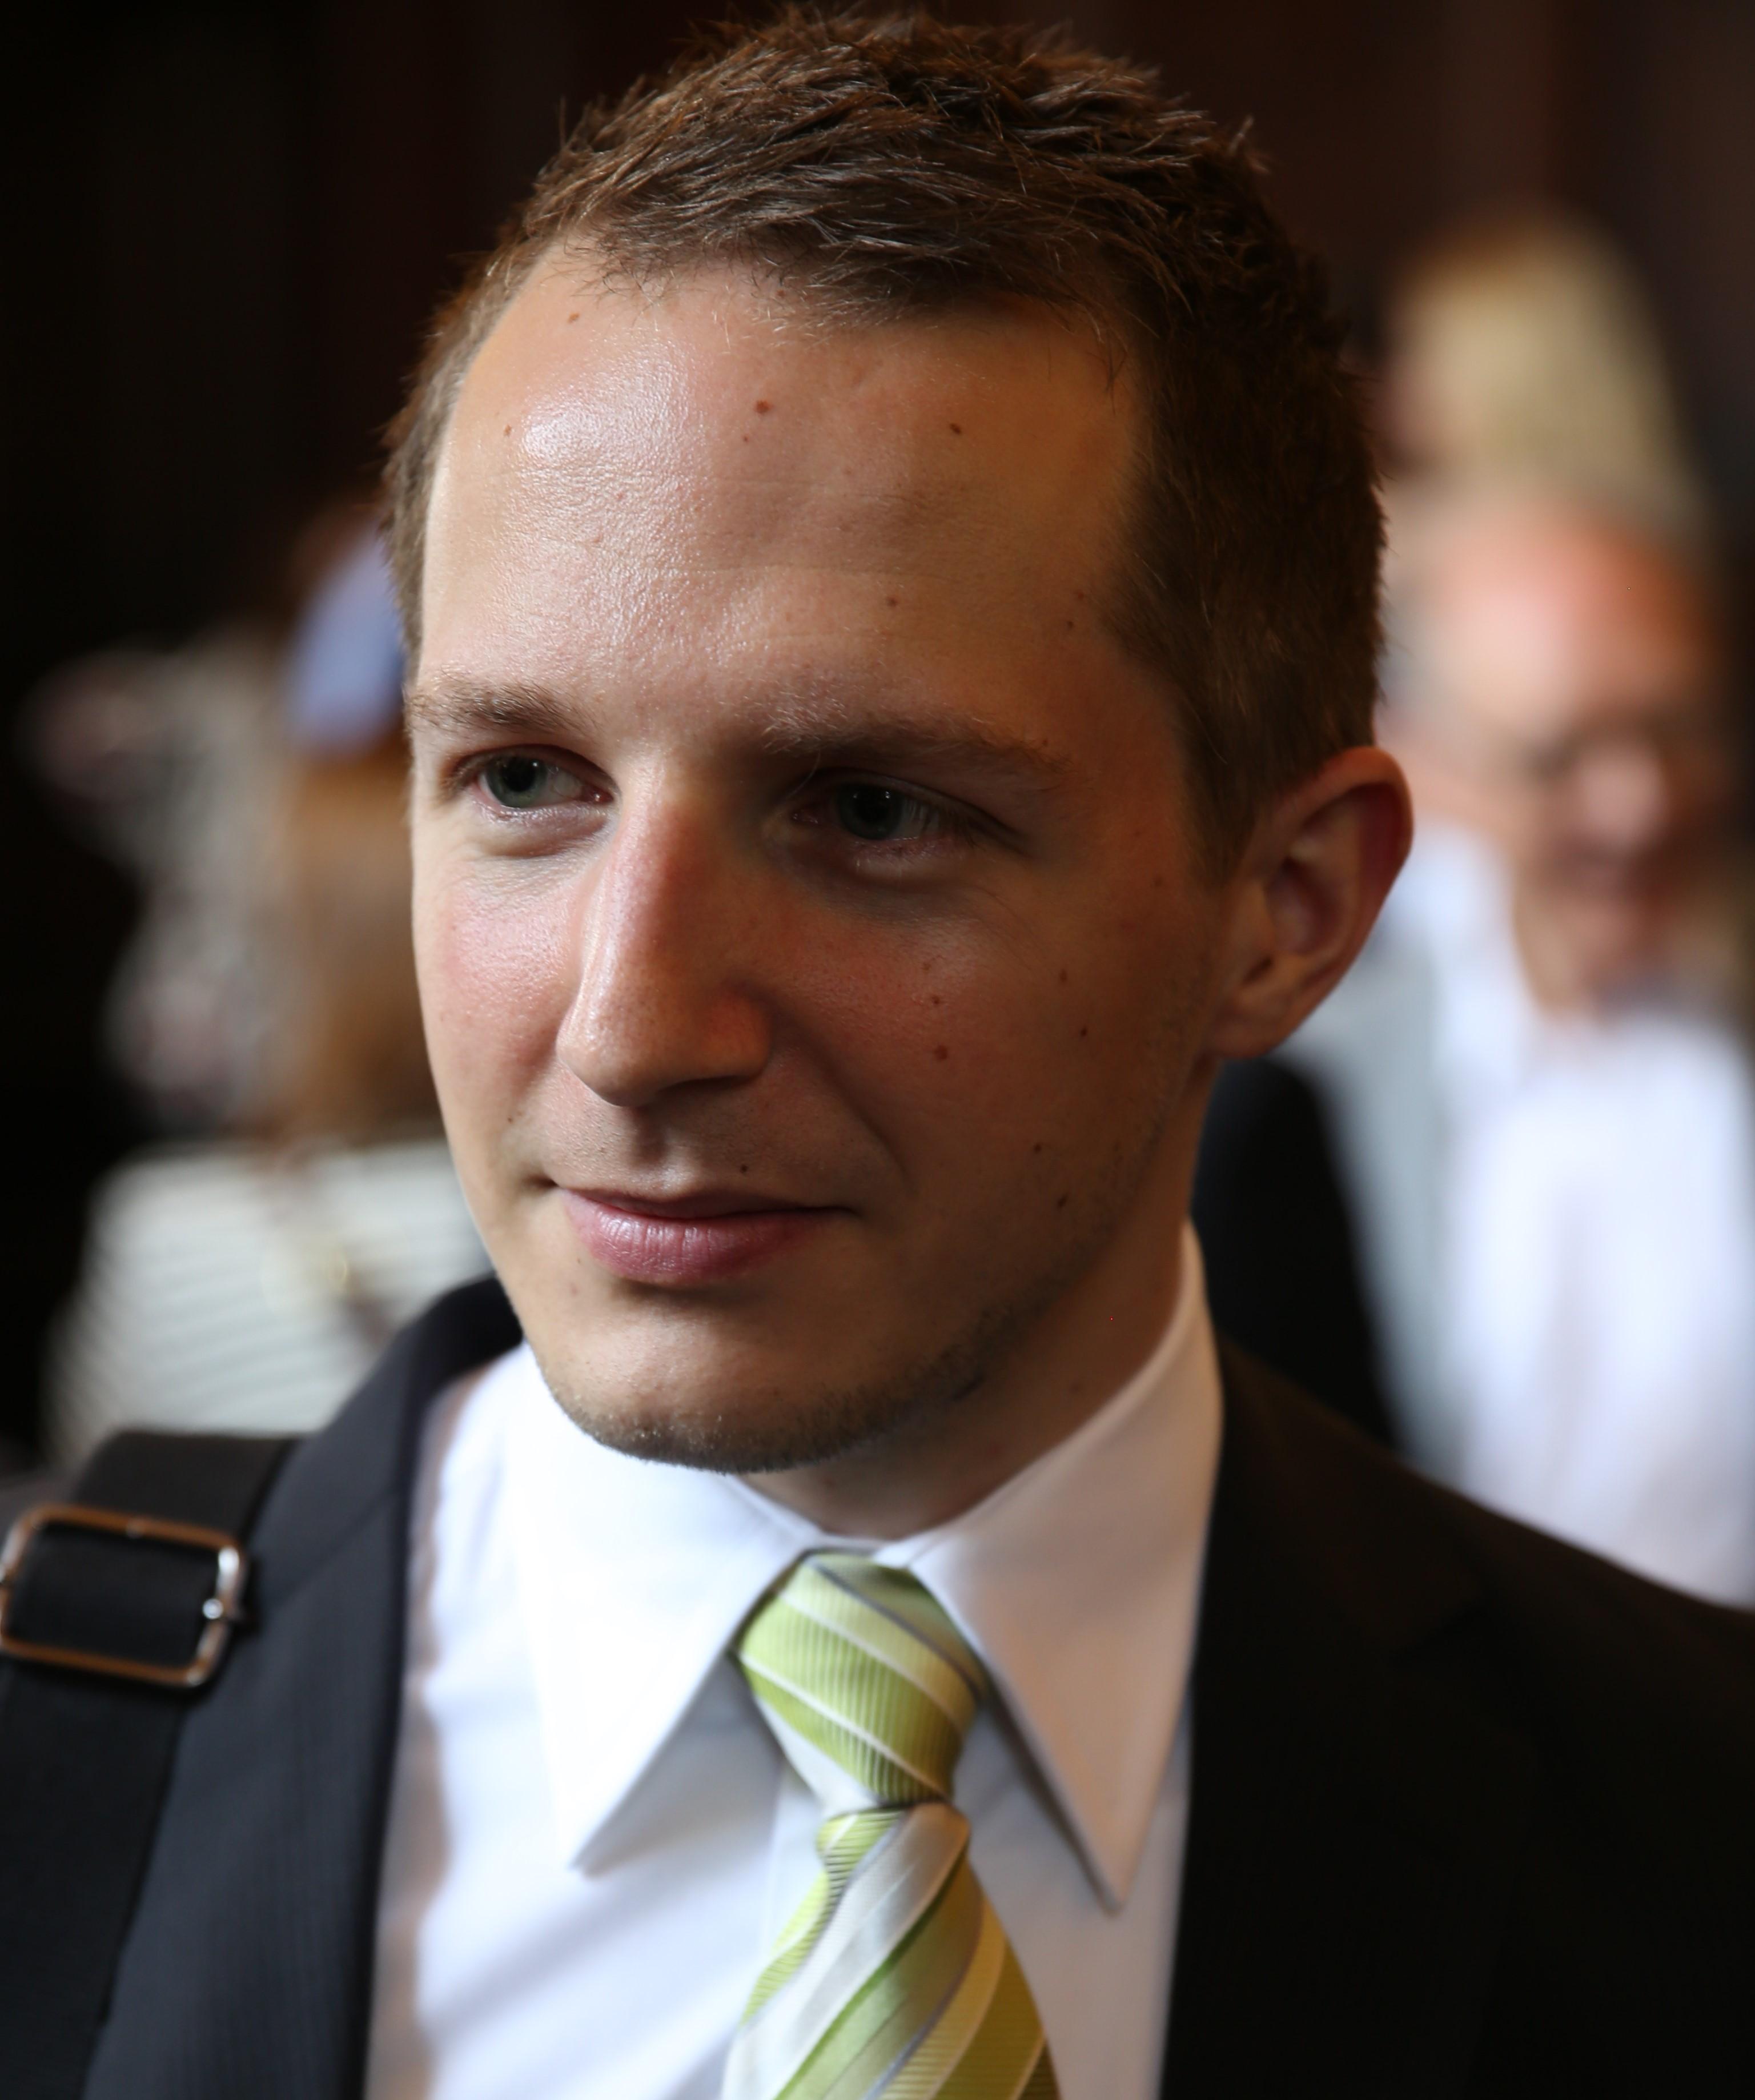 Marco J Haenssgen